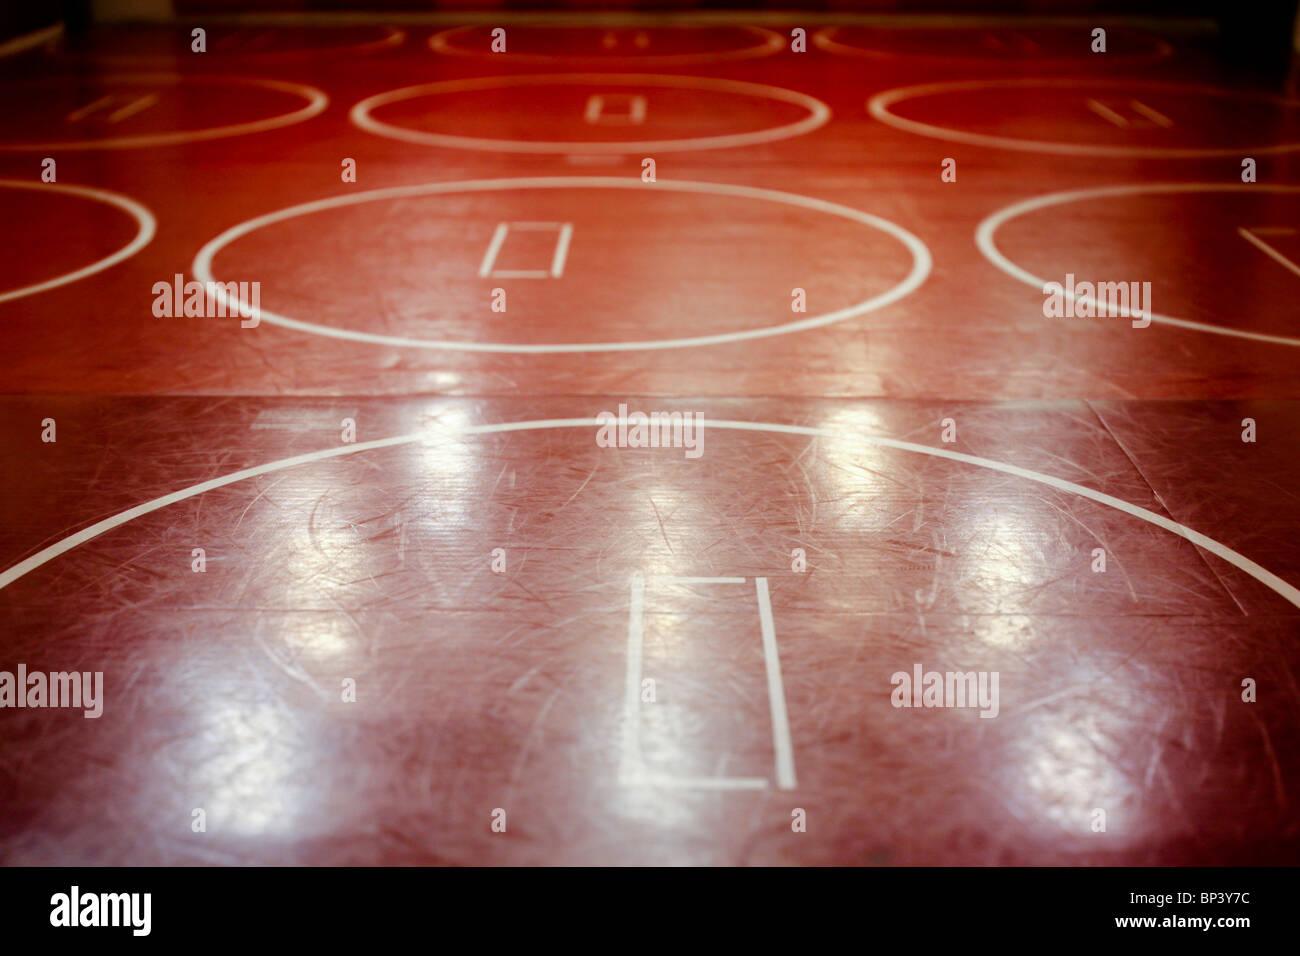 Muy gastados rojo escuela wrestling mat en un gimnasio. Imagen De Stock